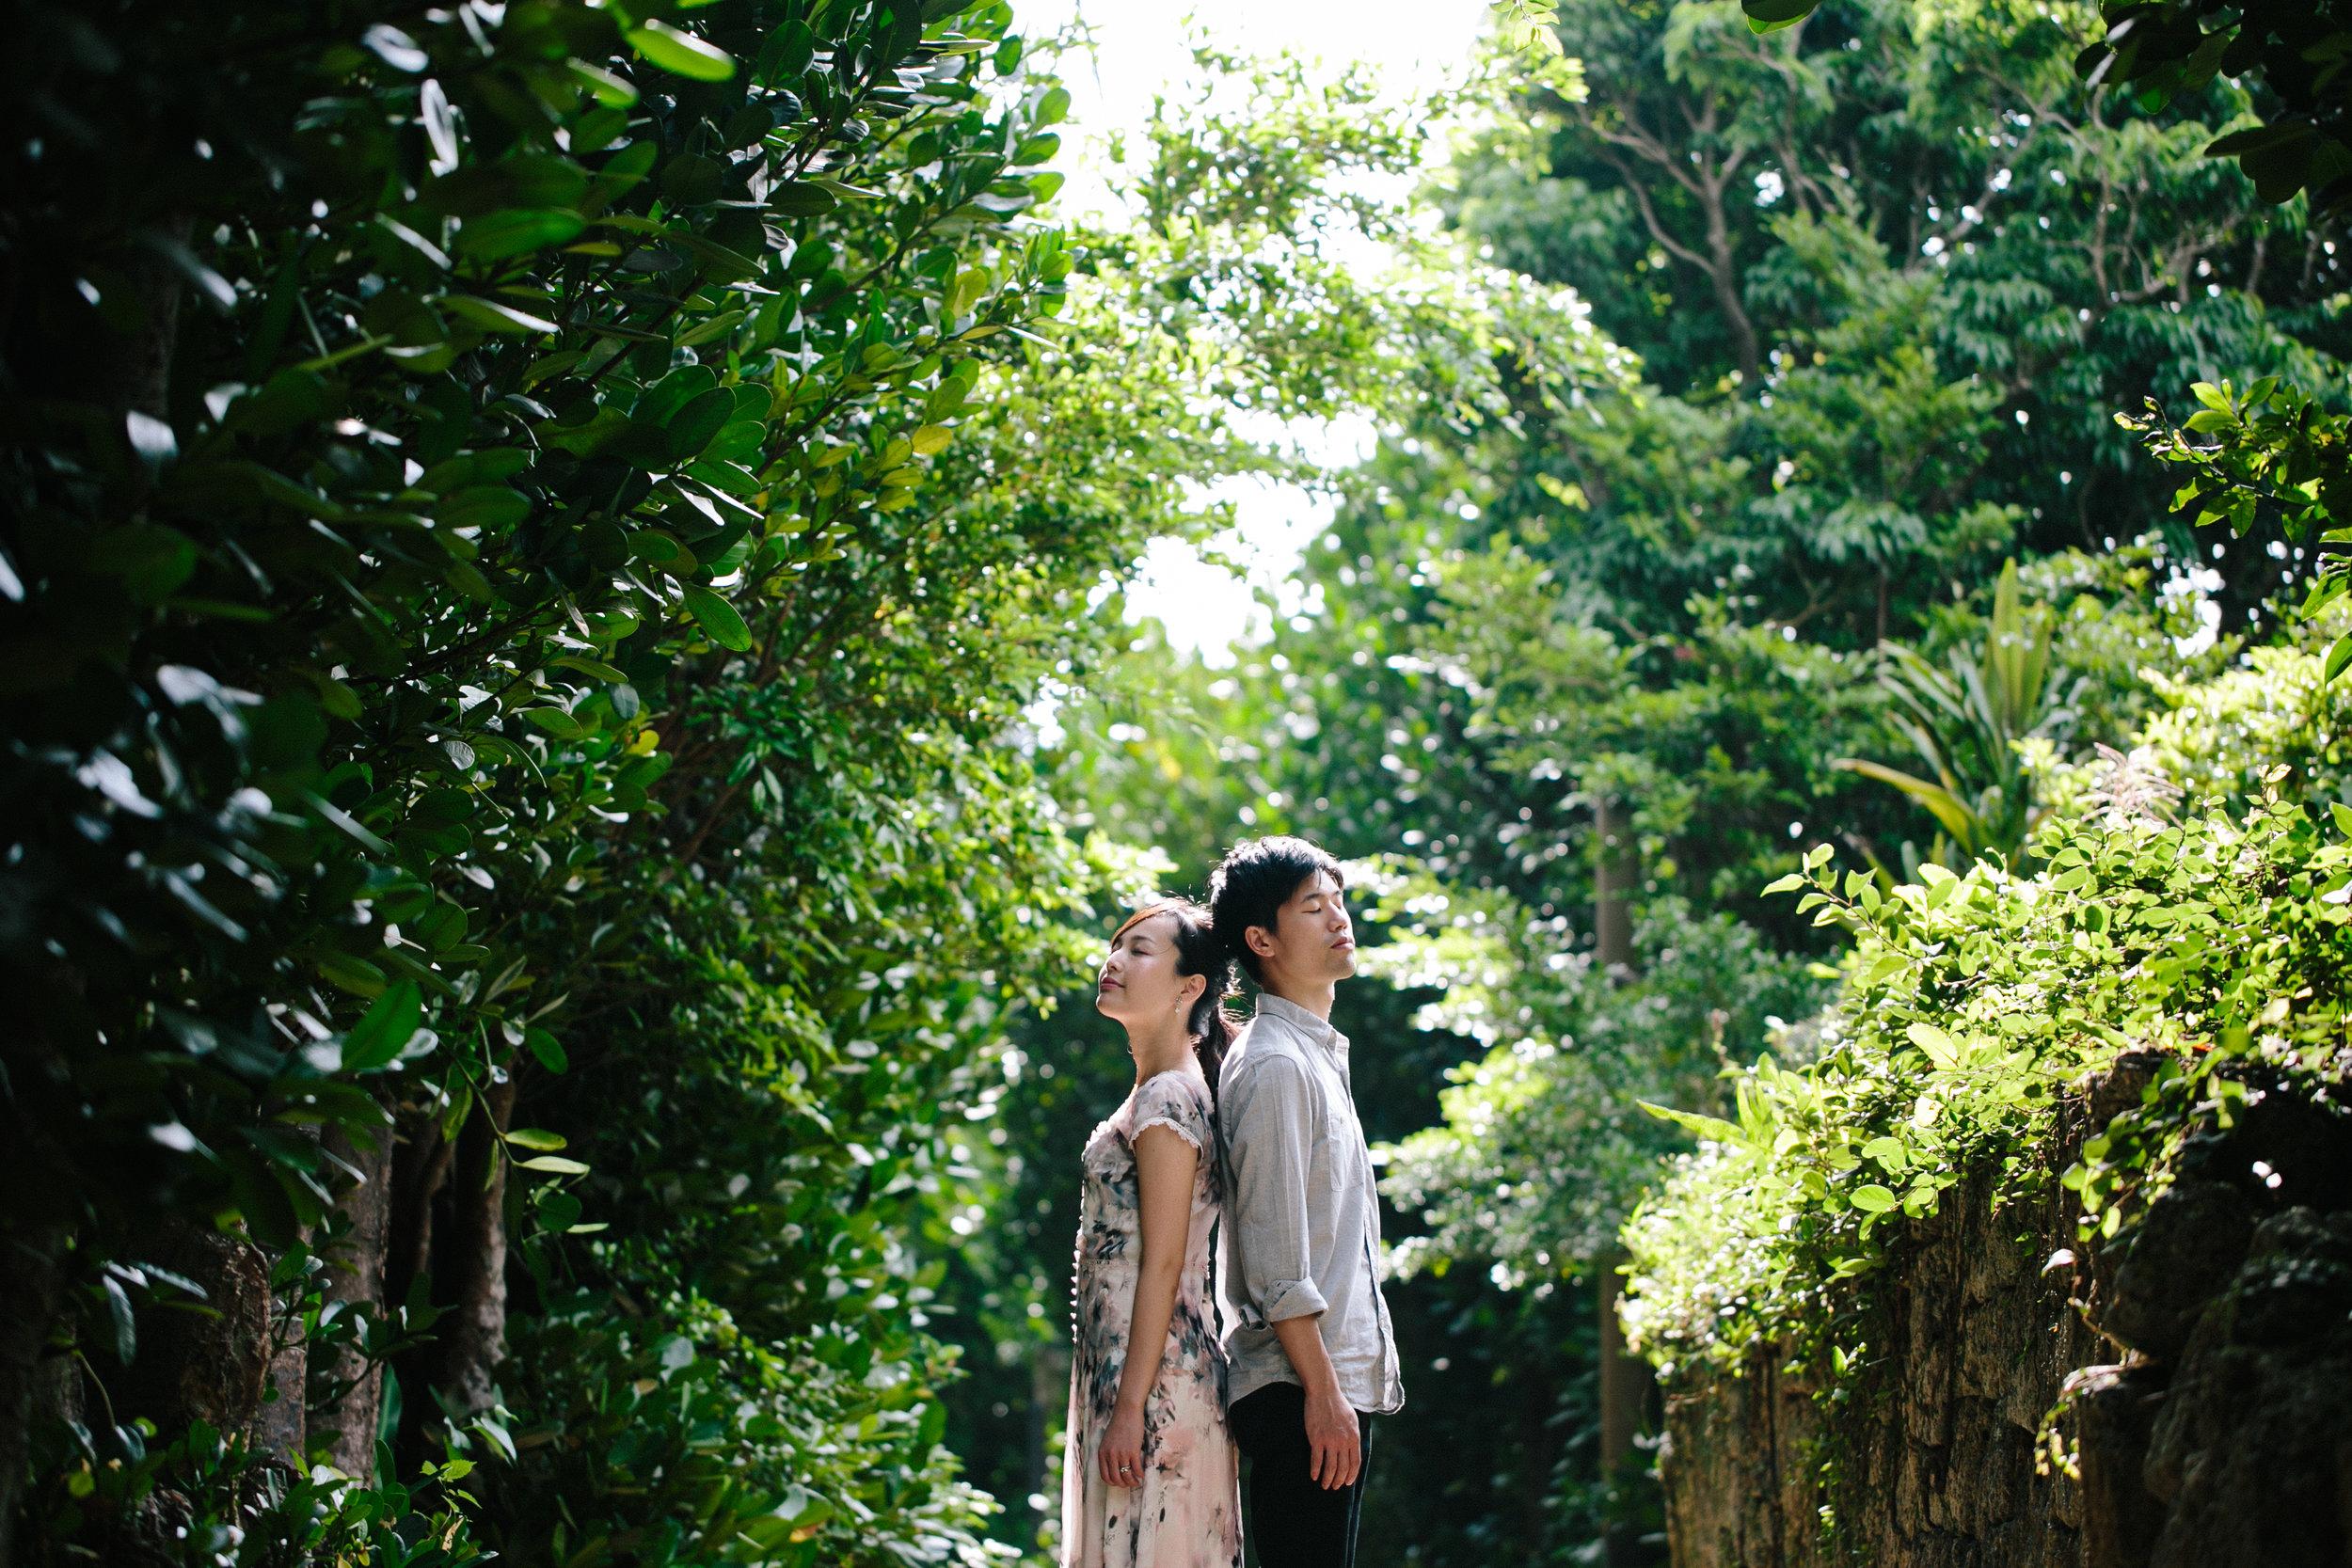 Engagement - 飾らないいつもの二人で。婚約された方やカップルにお勧めな 私服での撮影です。